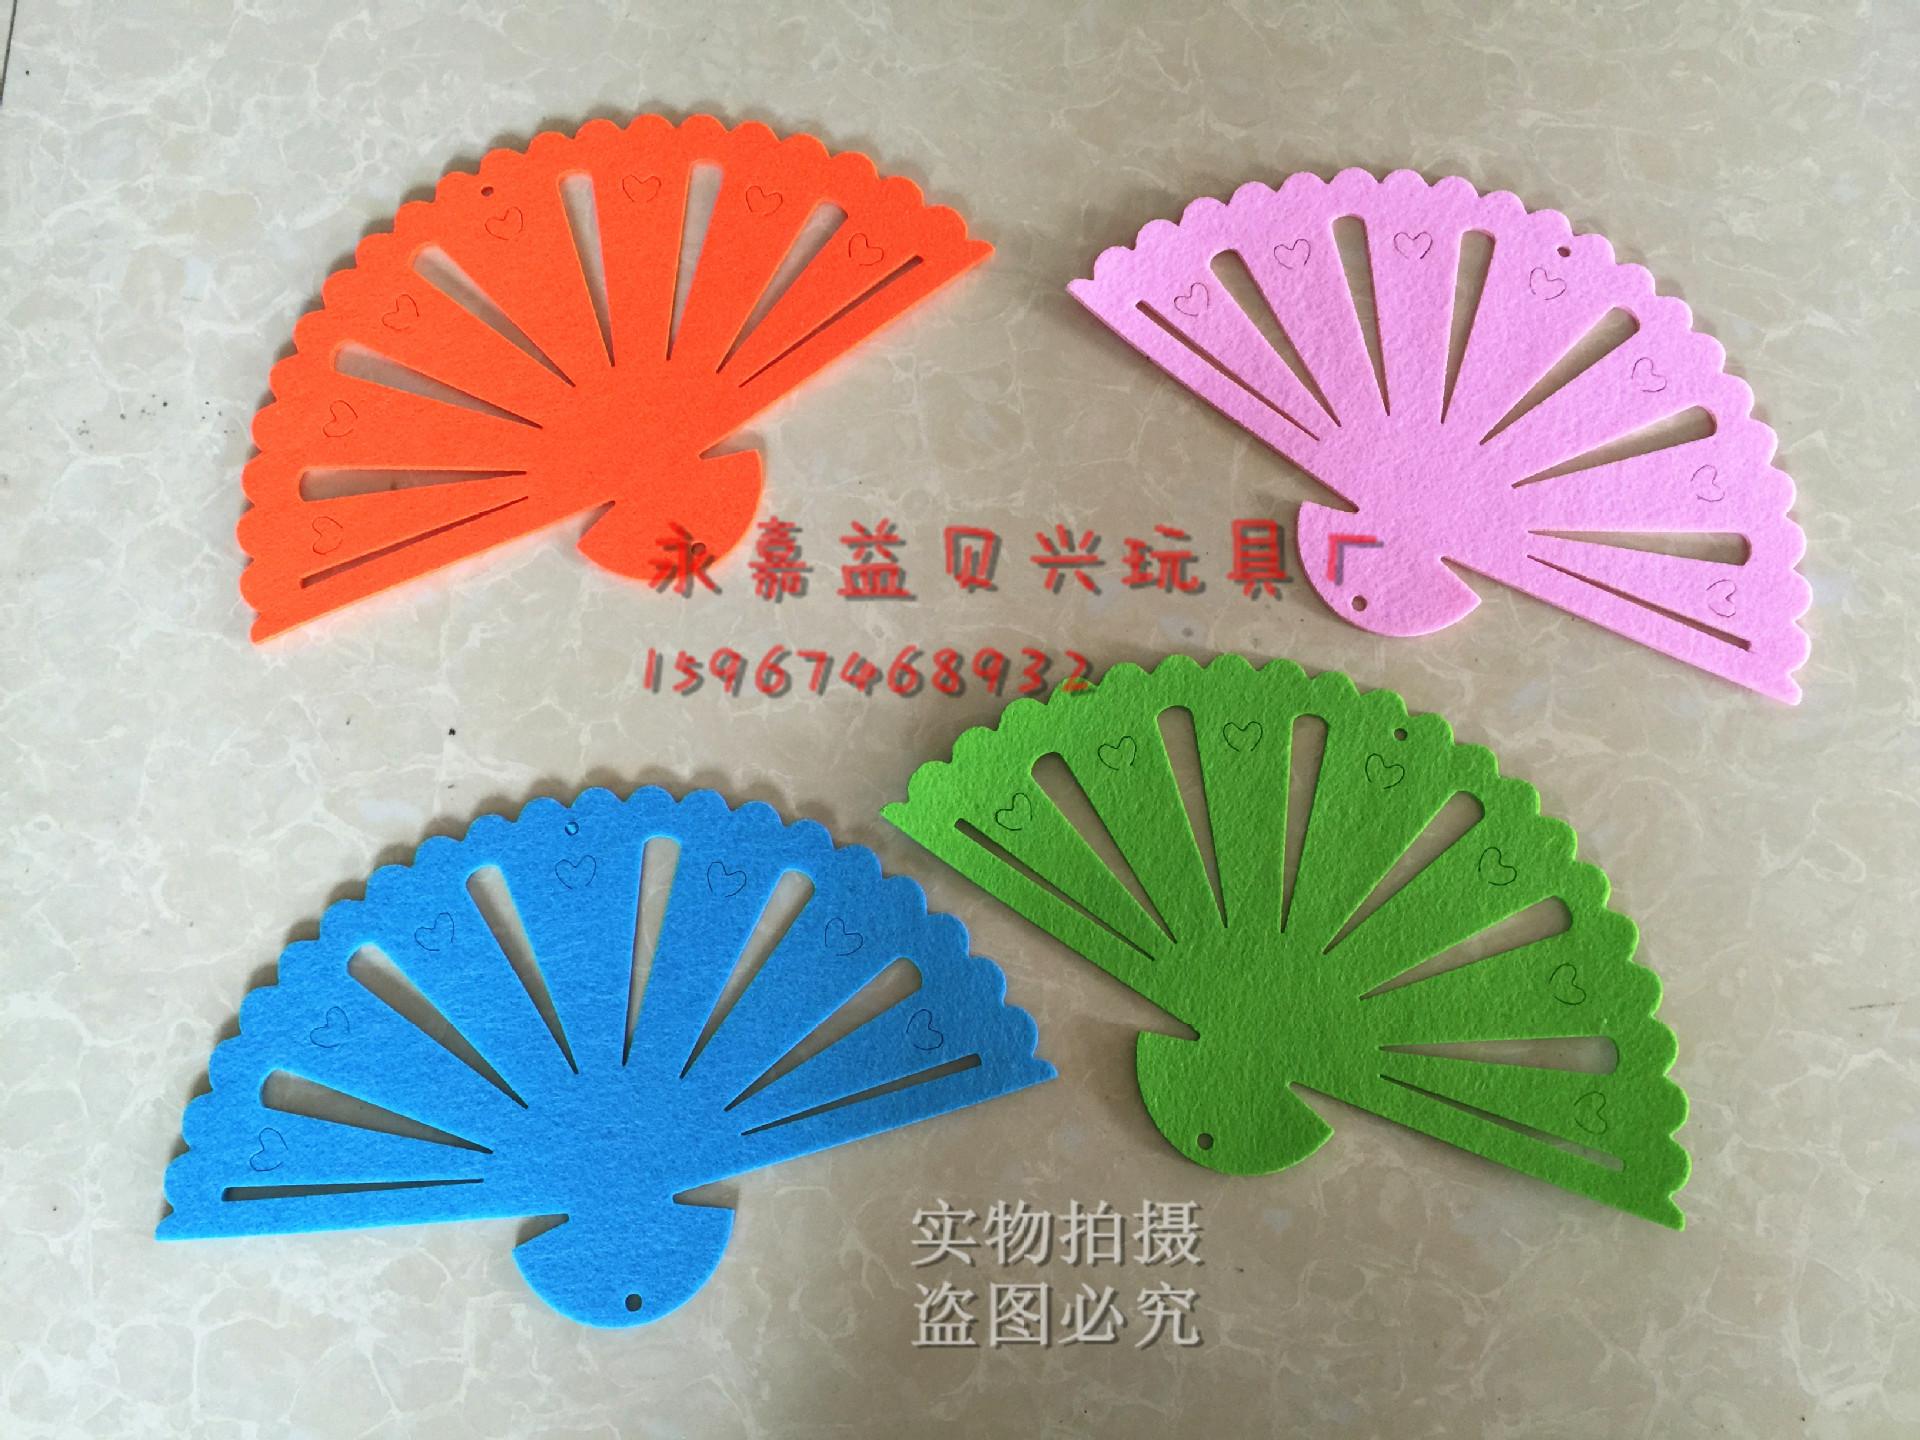 无纺布扇子吊饰幼儿园走廊创意空中挂饰室内布置 悬挂 中国风示例图1